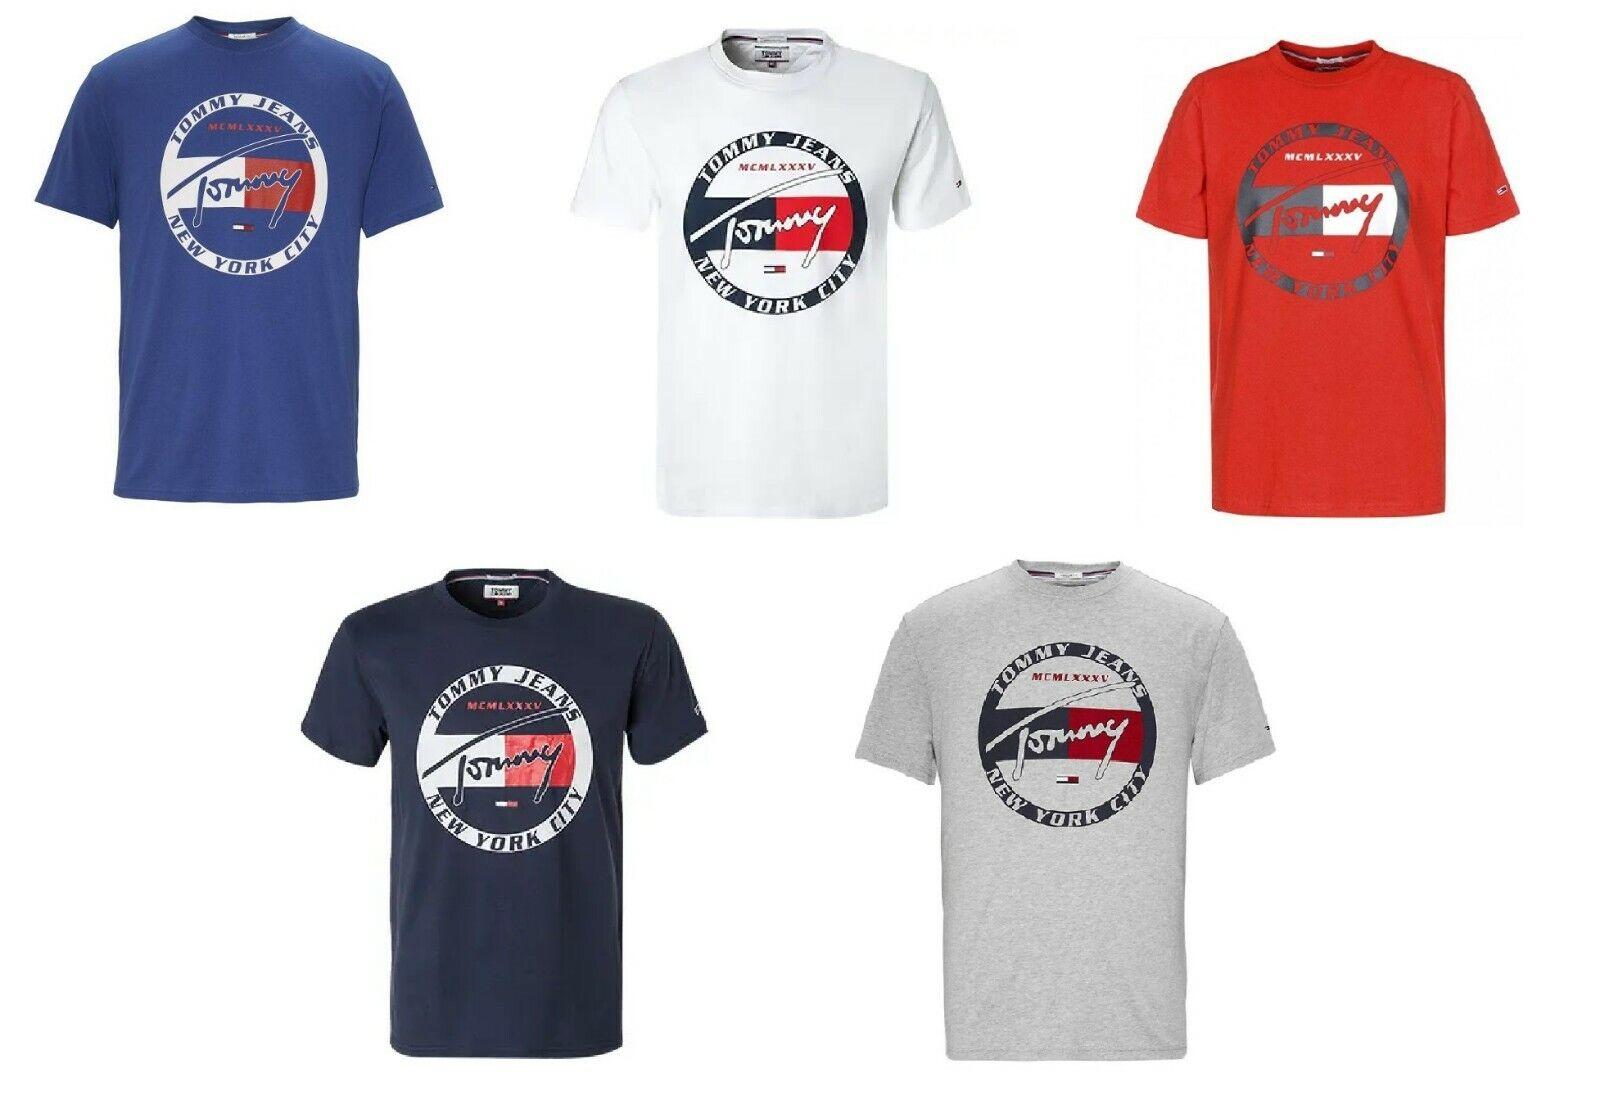 Tommy Hilfiger Herren T-Shirt Circle Graphic Logo 5 Farben Größe XS bis XXL Neu